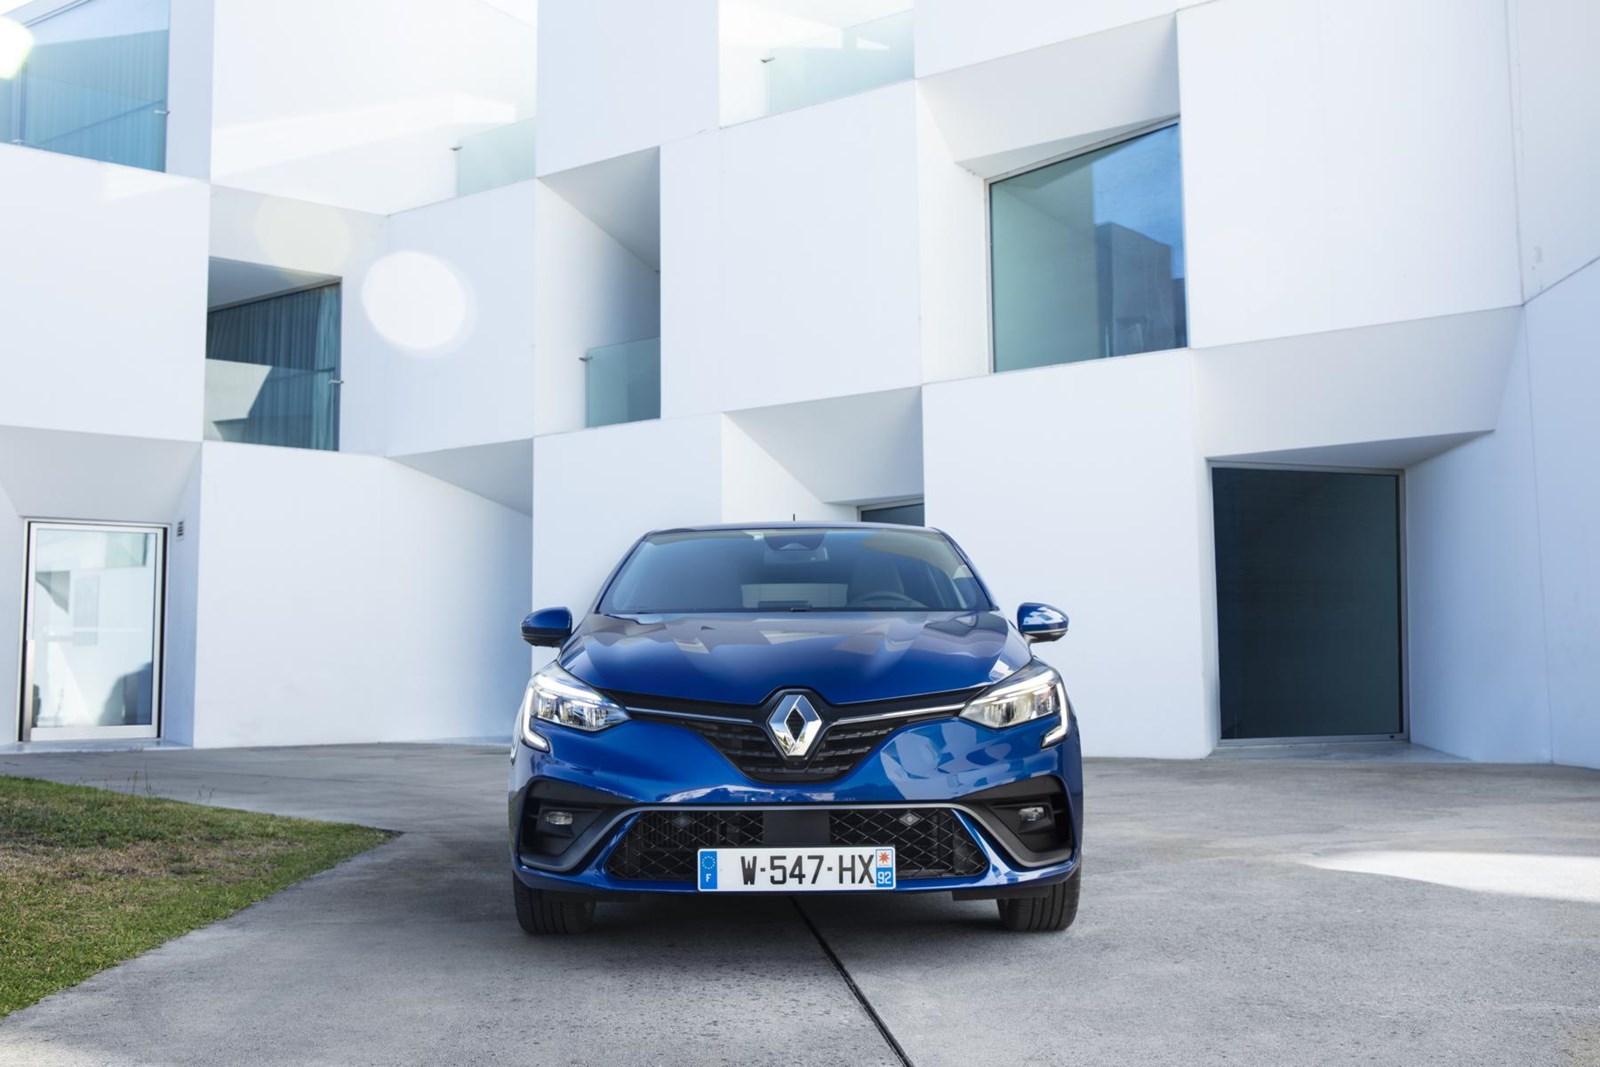 Renault Clio (2019) - 01.JPG